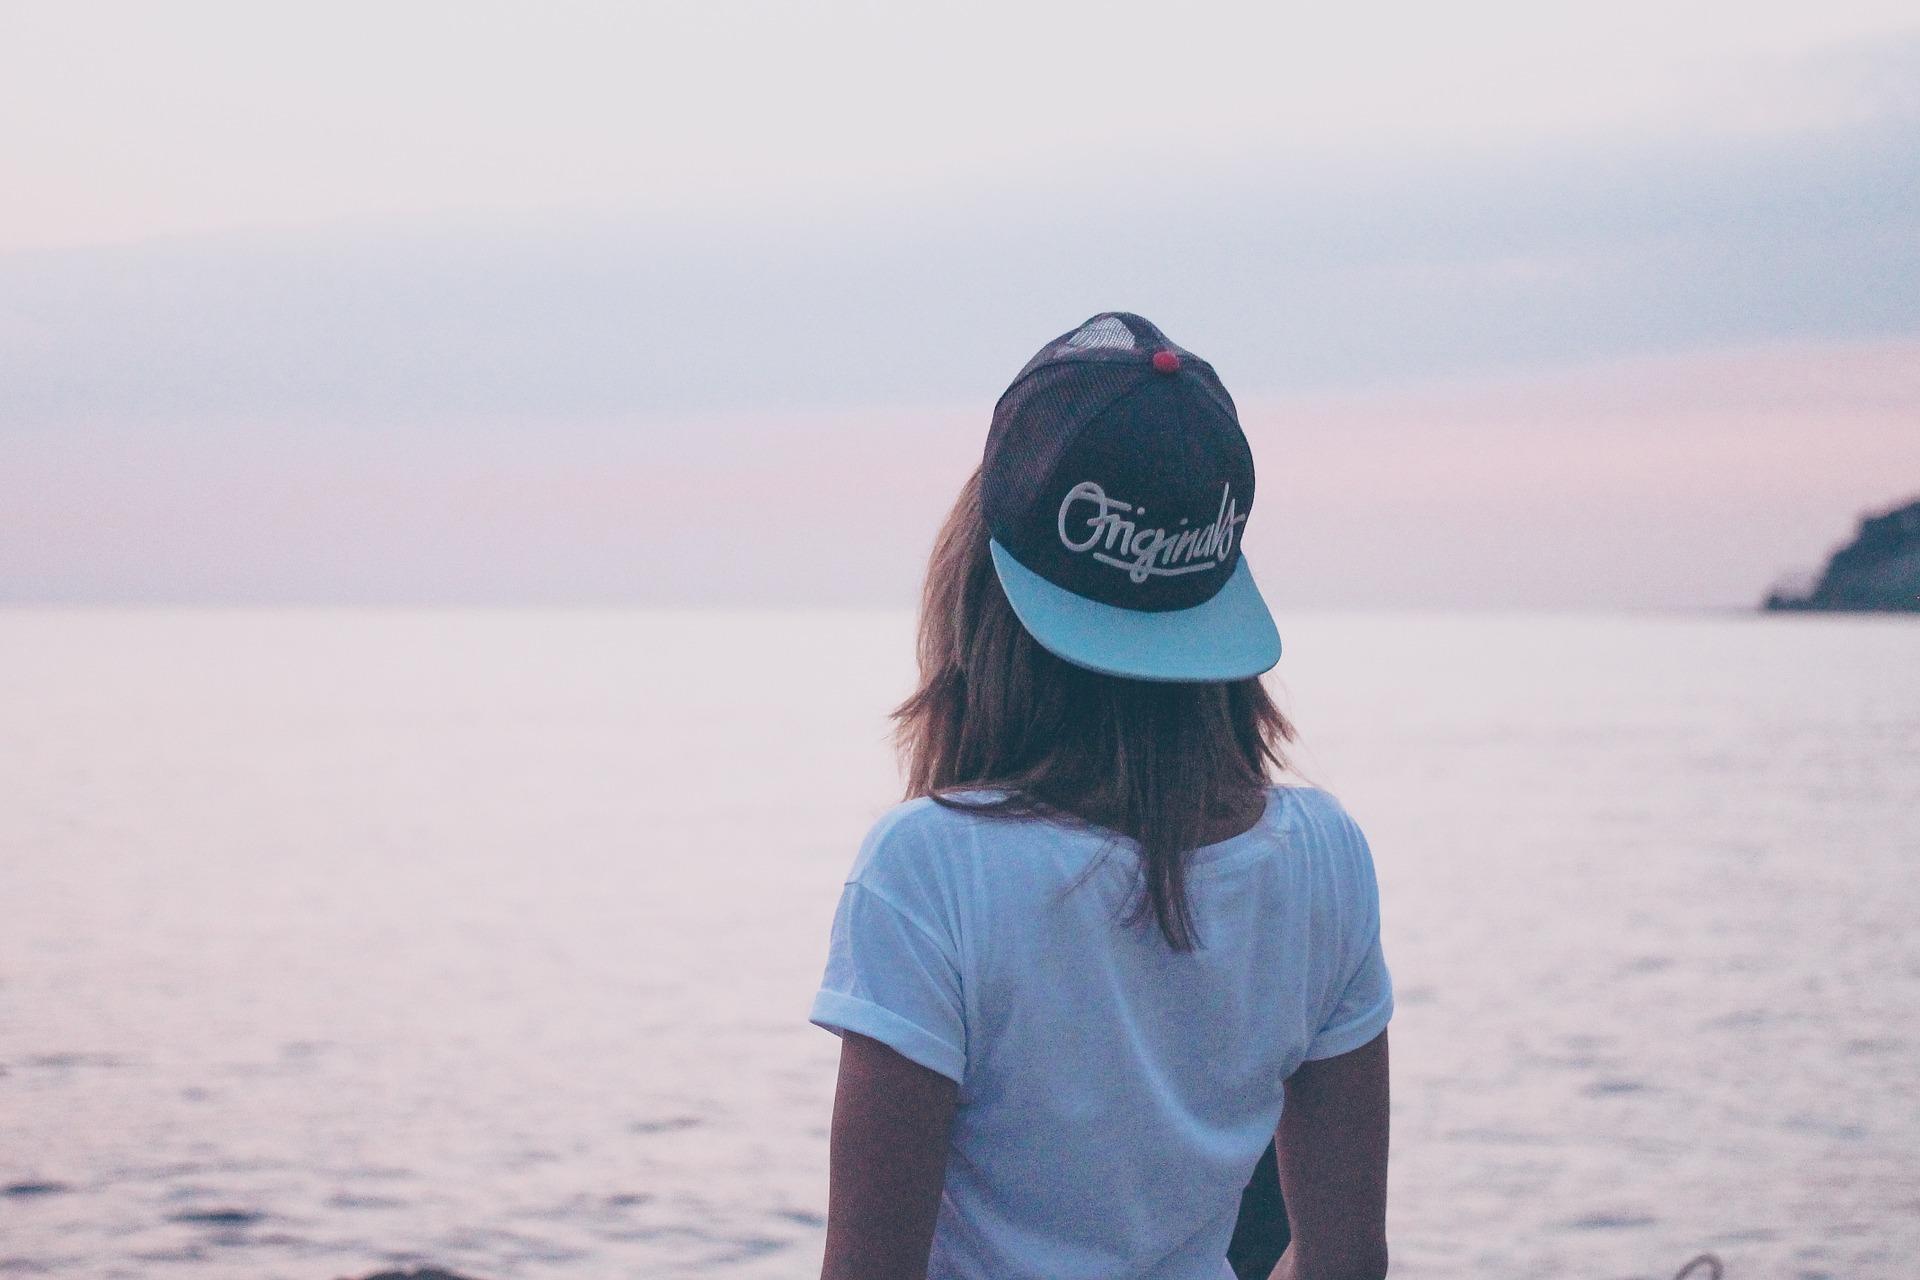 γυναίκα, Θάλασσα, ΚΓΠ, νερό, Ουρανός, πίσω - Wallpapers HD - Professor-falken.com